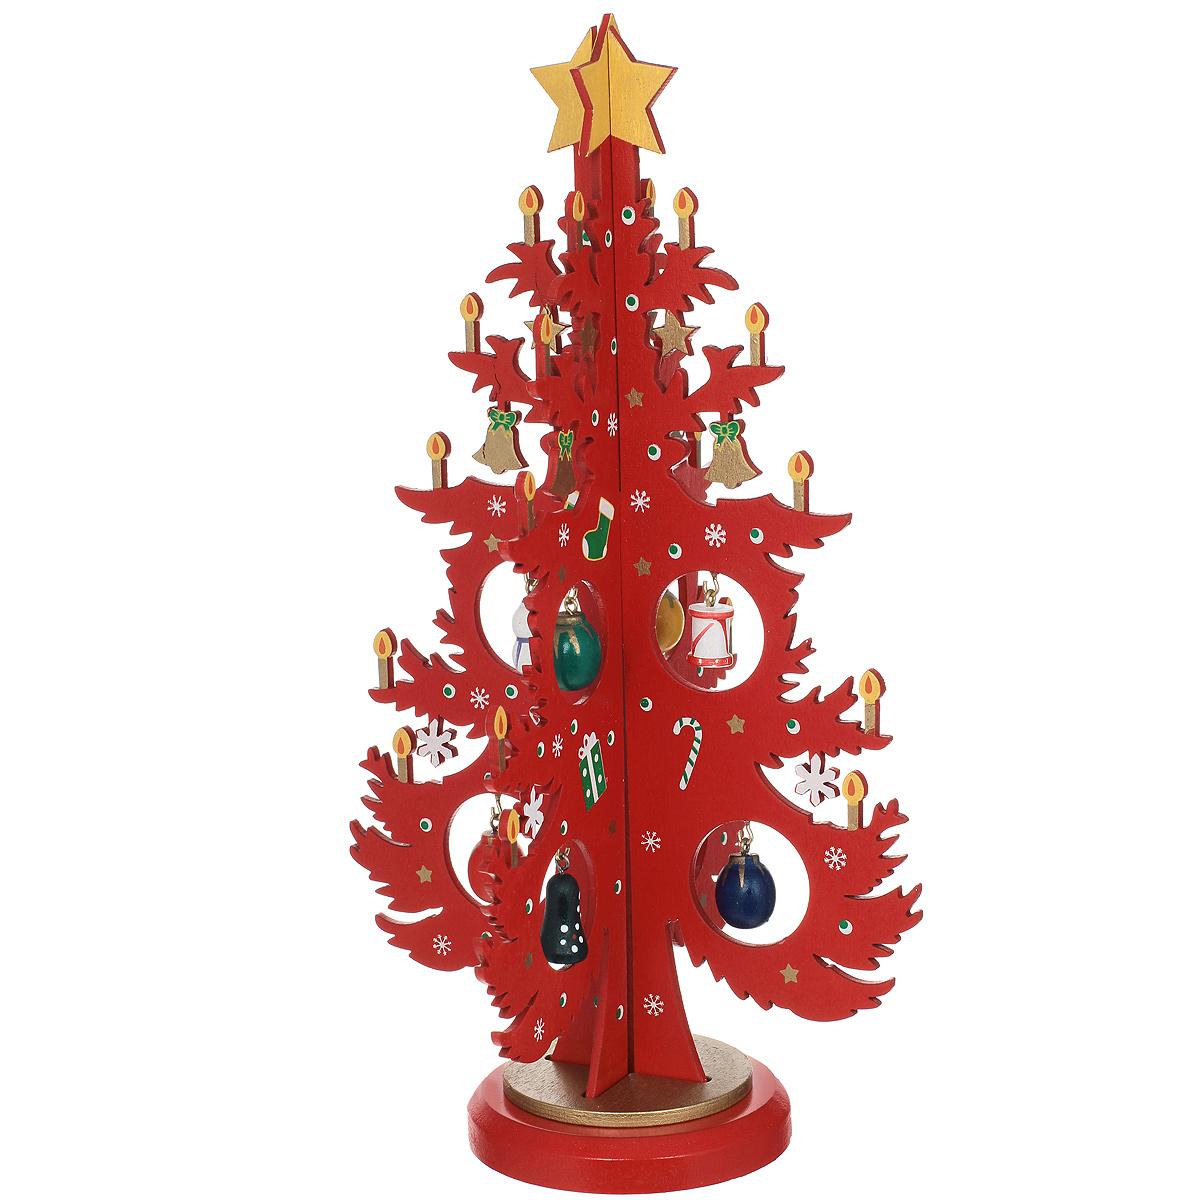 Новогоднее деревянное украшение Елочка со свечами, 25 смИР73371 (389097)Оригинальное новогоднее украшение Елочка со свечами гармонично впишется в праздничный интерьер вашего дома или офиса. Украшение выполнено из дерева в виде новогодней елки с горящими свечами, которая собирается из двух деталей и устанавливается на подставку. На елке имеются металлические крючки, благодаря которым на елку можно повесить елочные игрушки, входящие в комплект.Новогодние украшения всегда несут в себе волшебство и красоту праздника. Создайте в своем доме атмосферу тепла, веселья и радости, украшая его всей семьей.